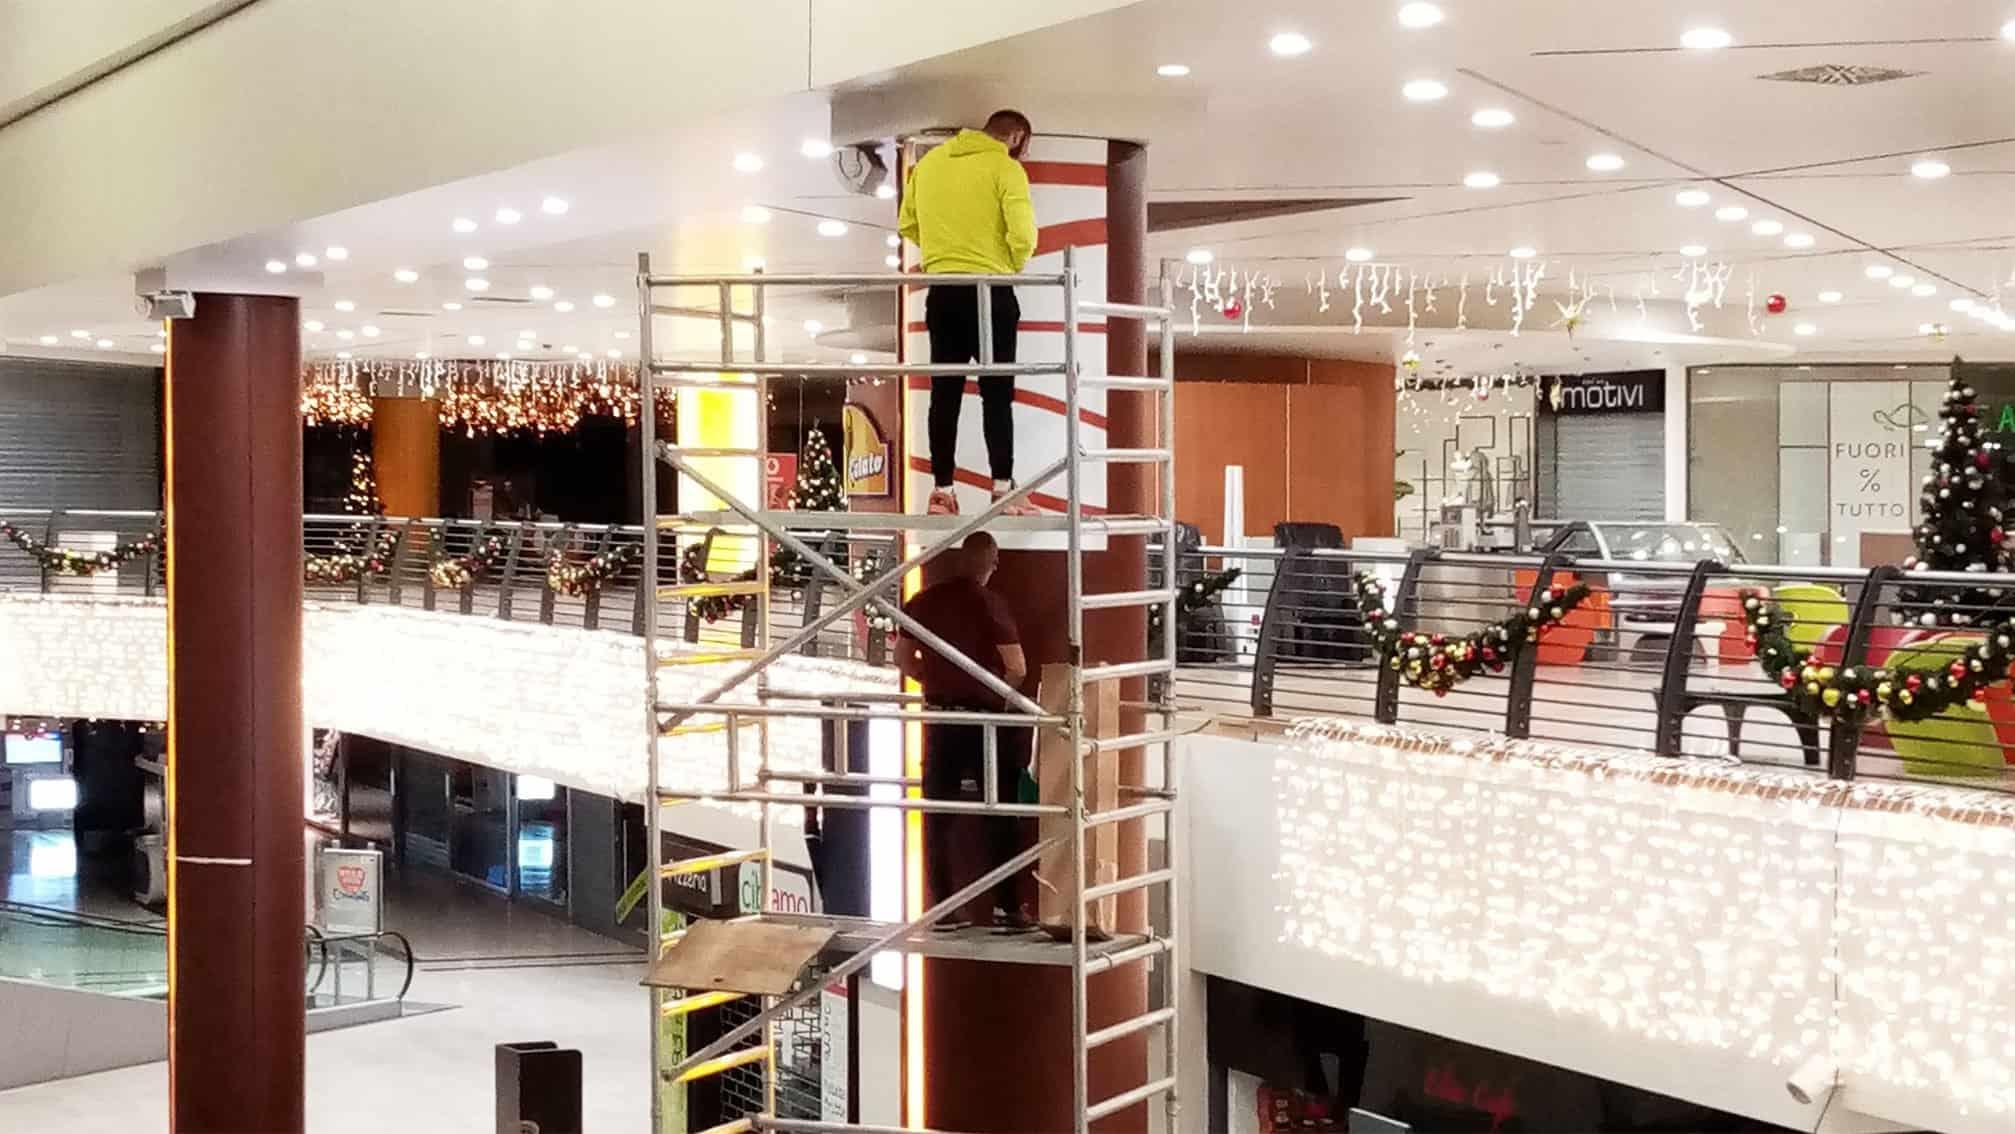 Pellicole adesive Centro commerciale